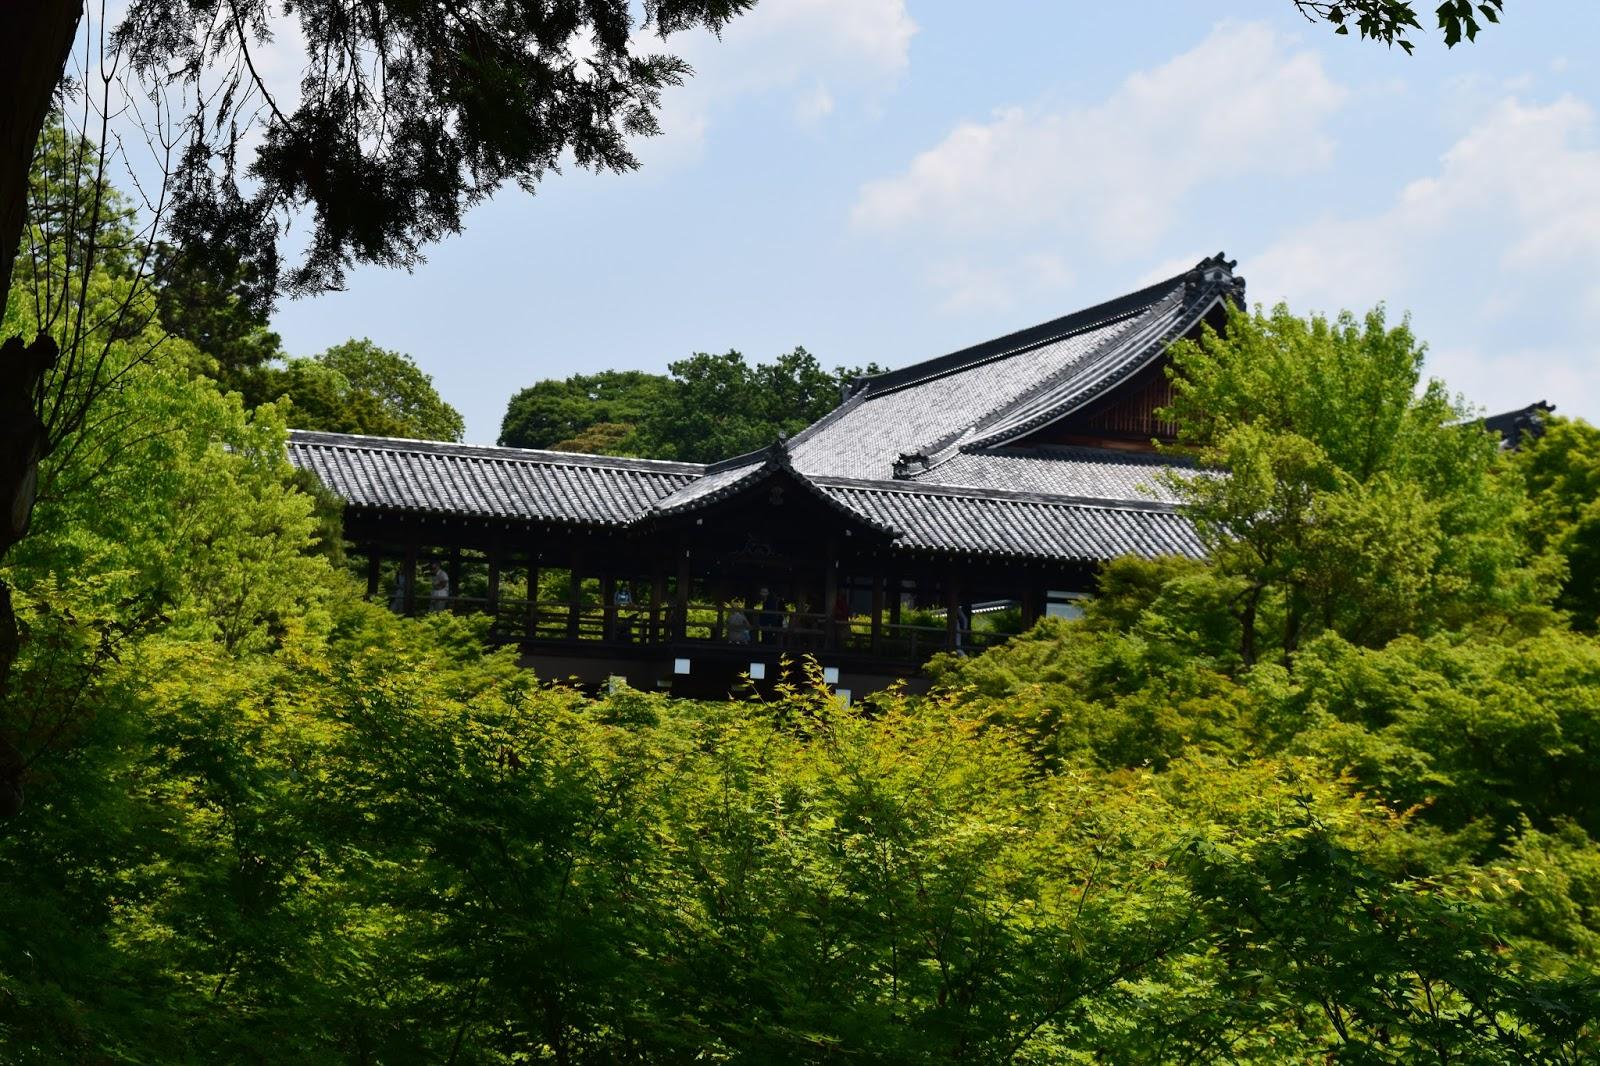 Tsutenkyo Bridge Tofukuji